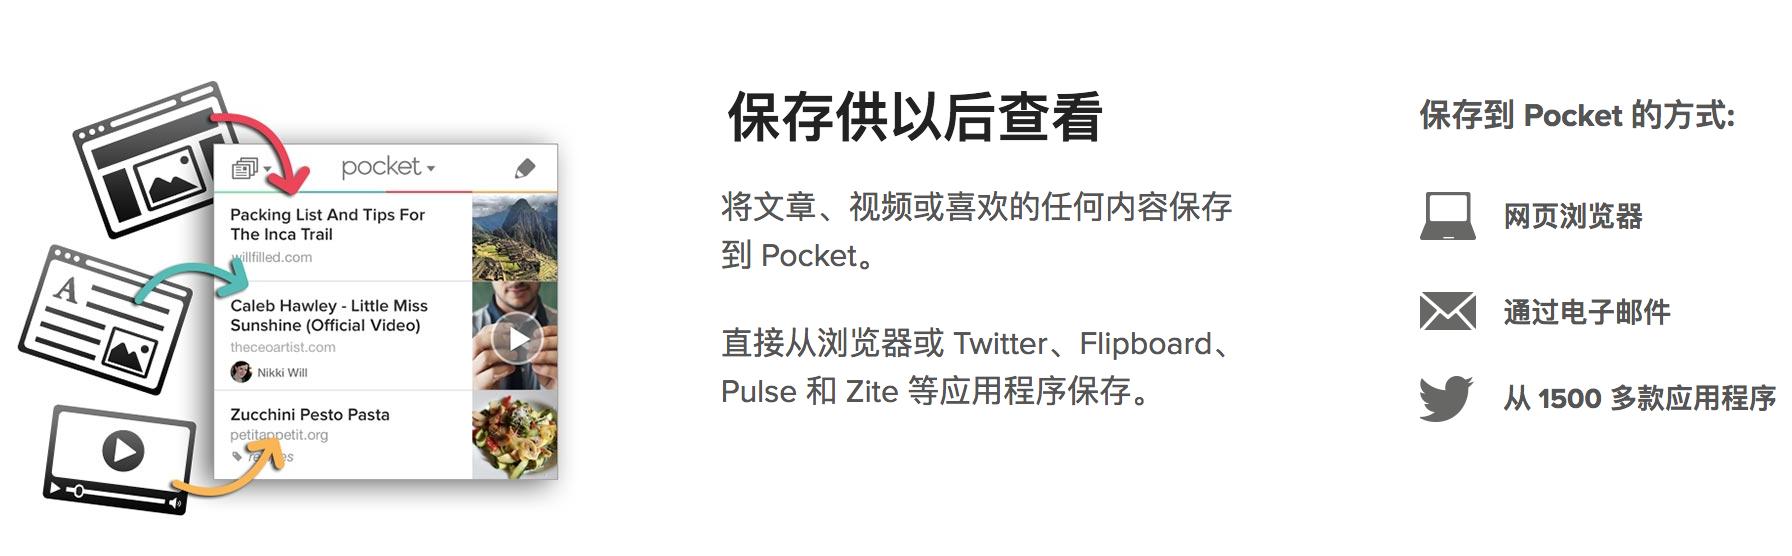 稍后阅读工具推荐,保存网络任何内容。-iQiQi